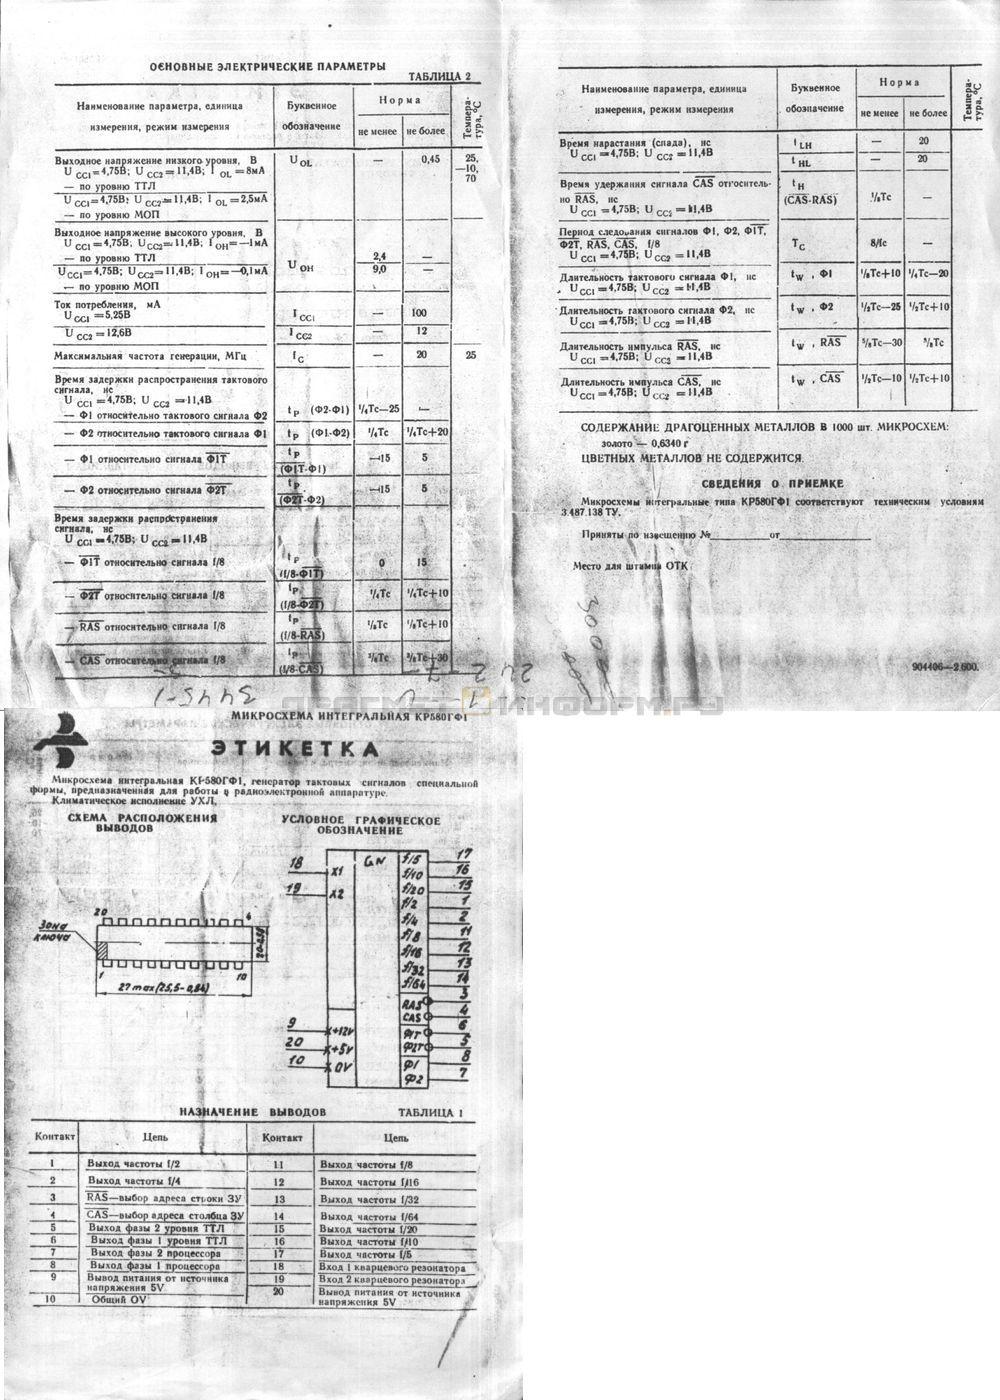 зданию содержание драгметаллов в вмтп с фото квартиру ипотеке новостройки